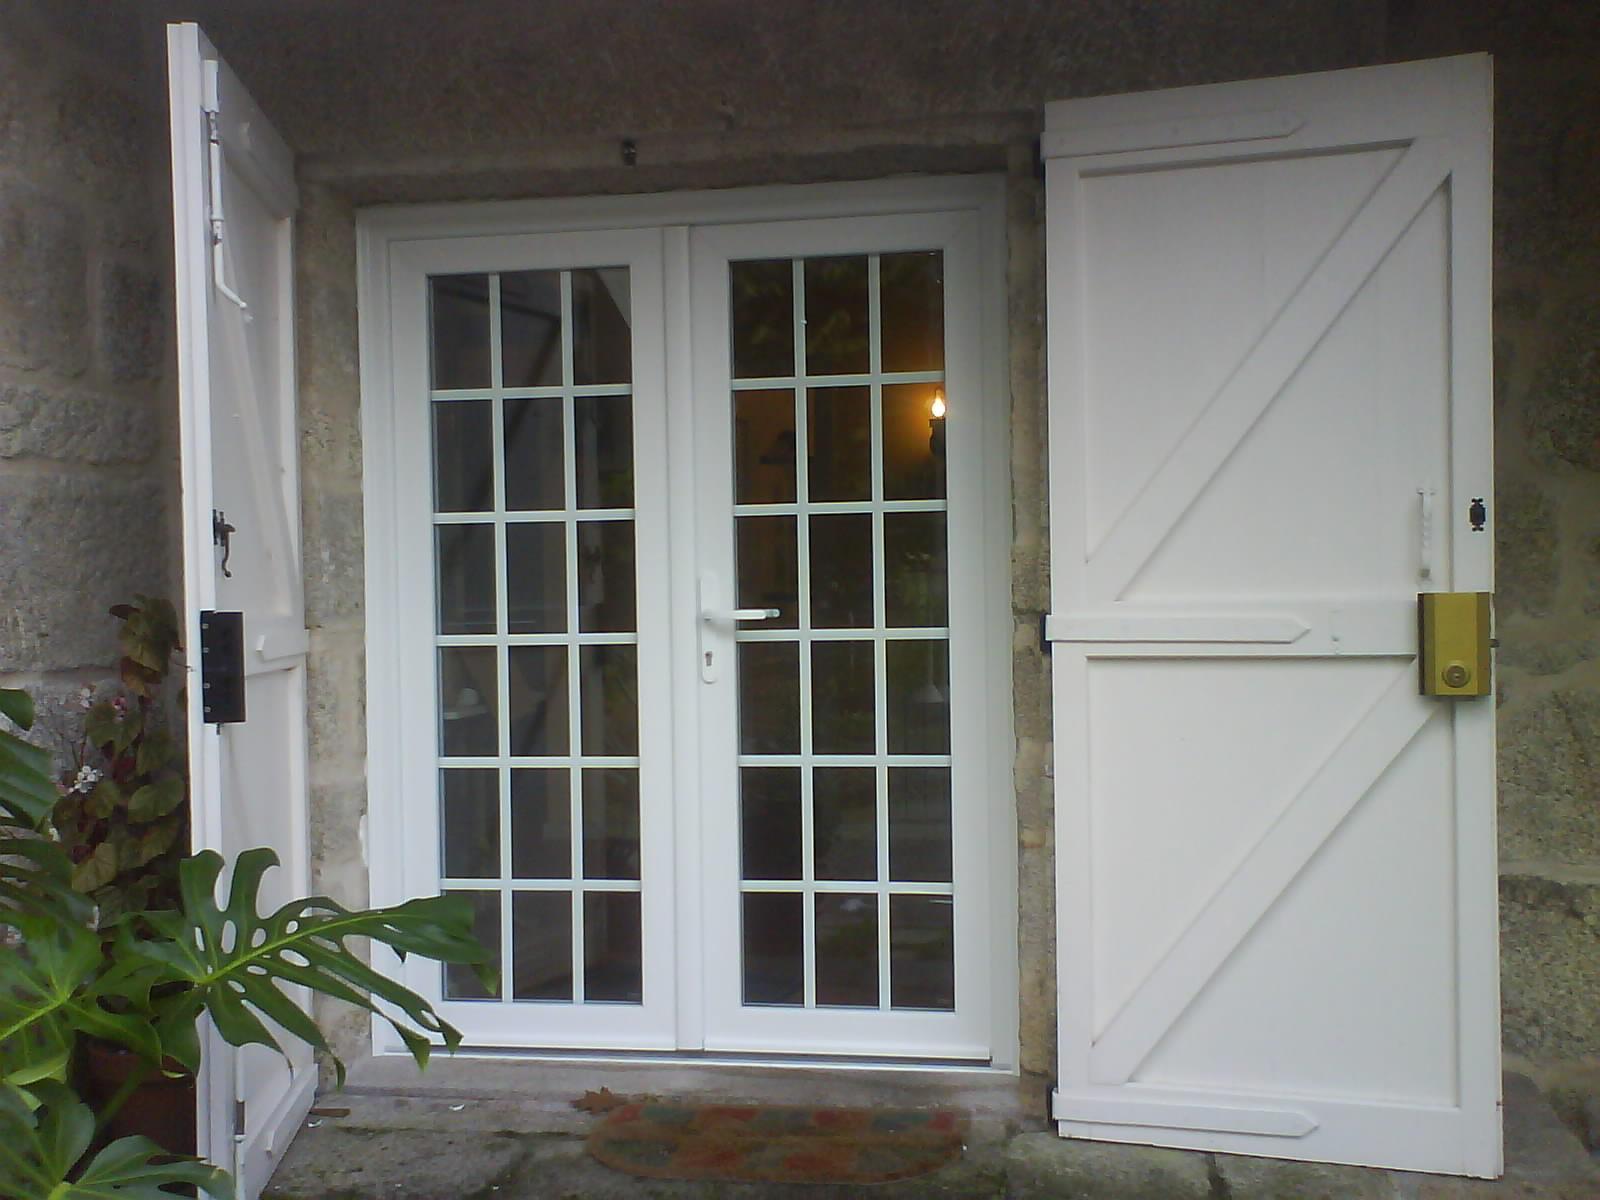 Puertas ventanas jmgarcia - Puertas terraza aluminio ...